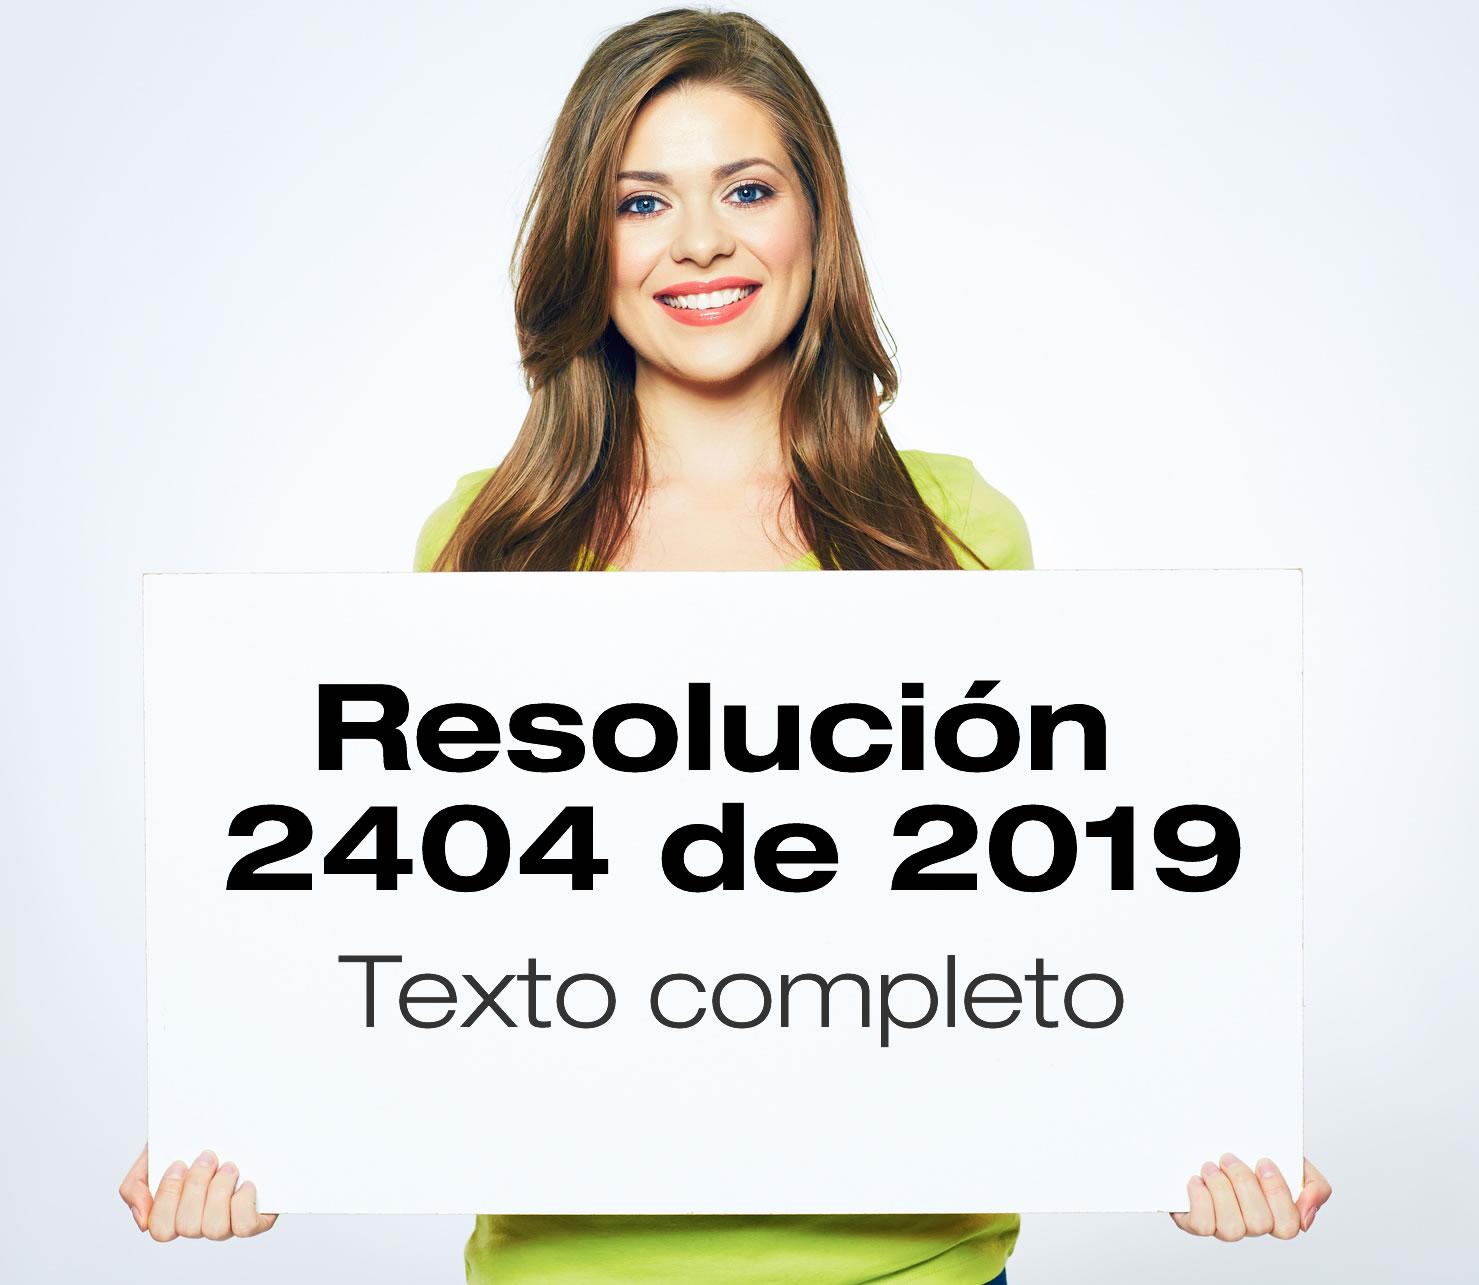 La Resolución 2404 de 2019 adopta la batería, guías y protocolos de riesgo psicosocial